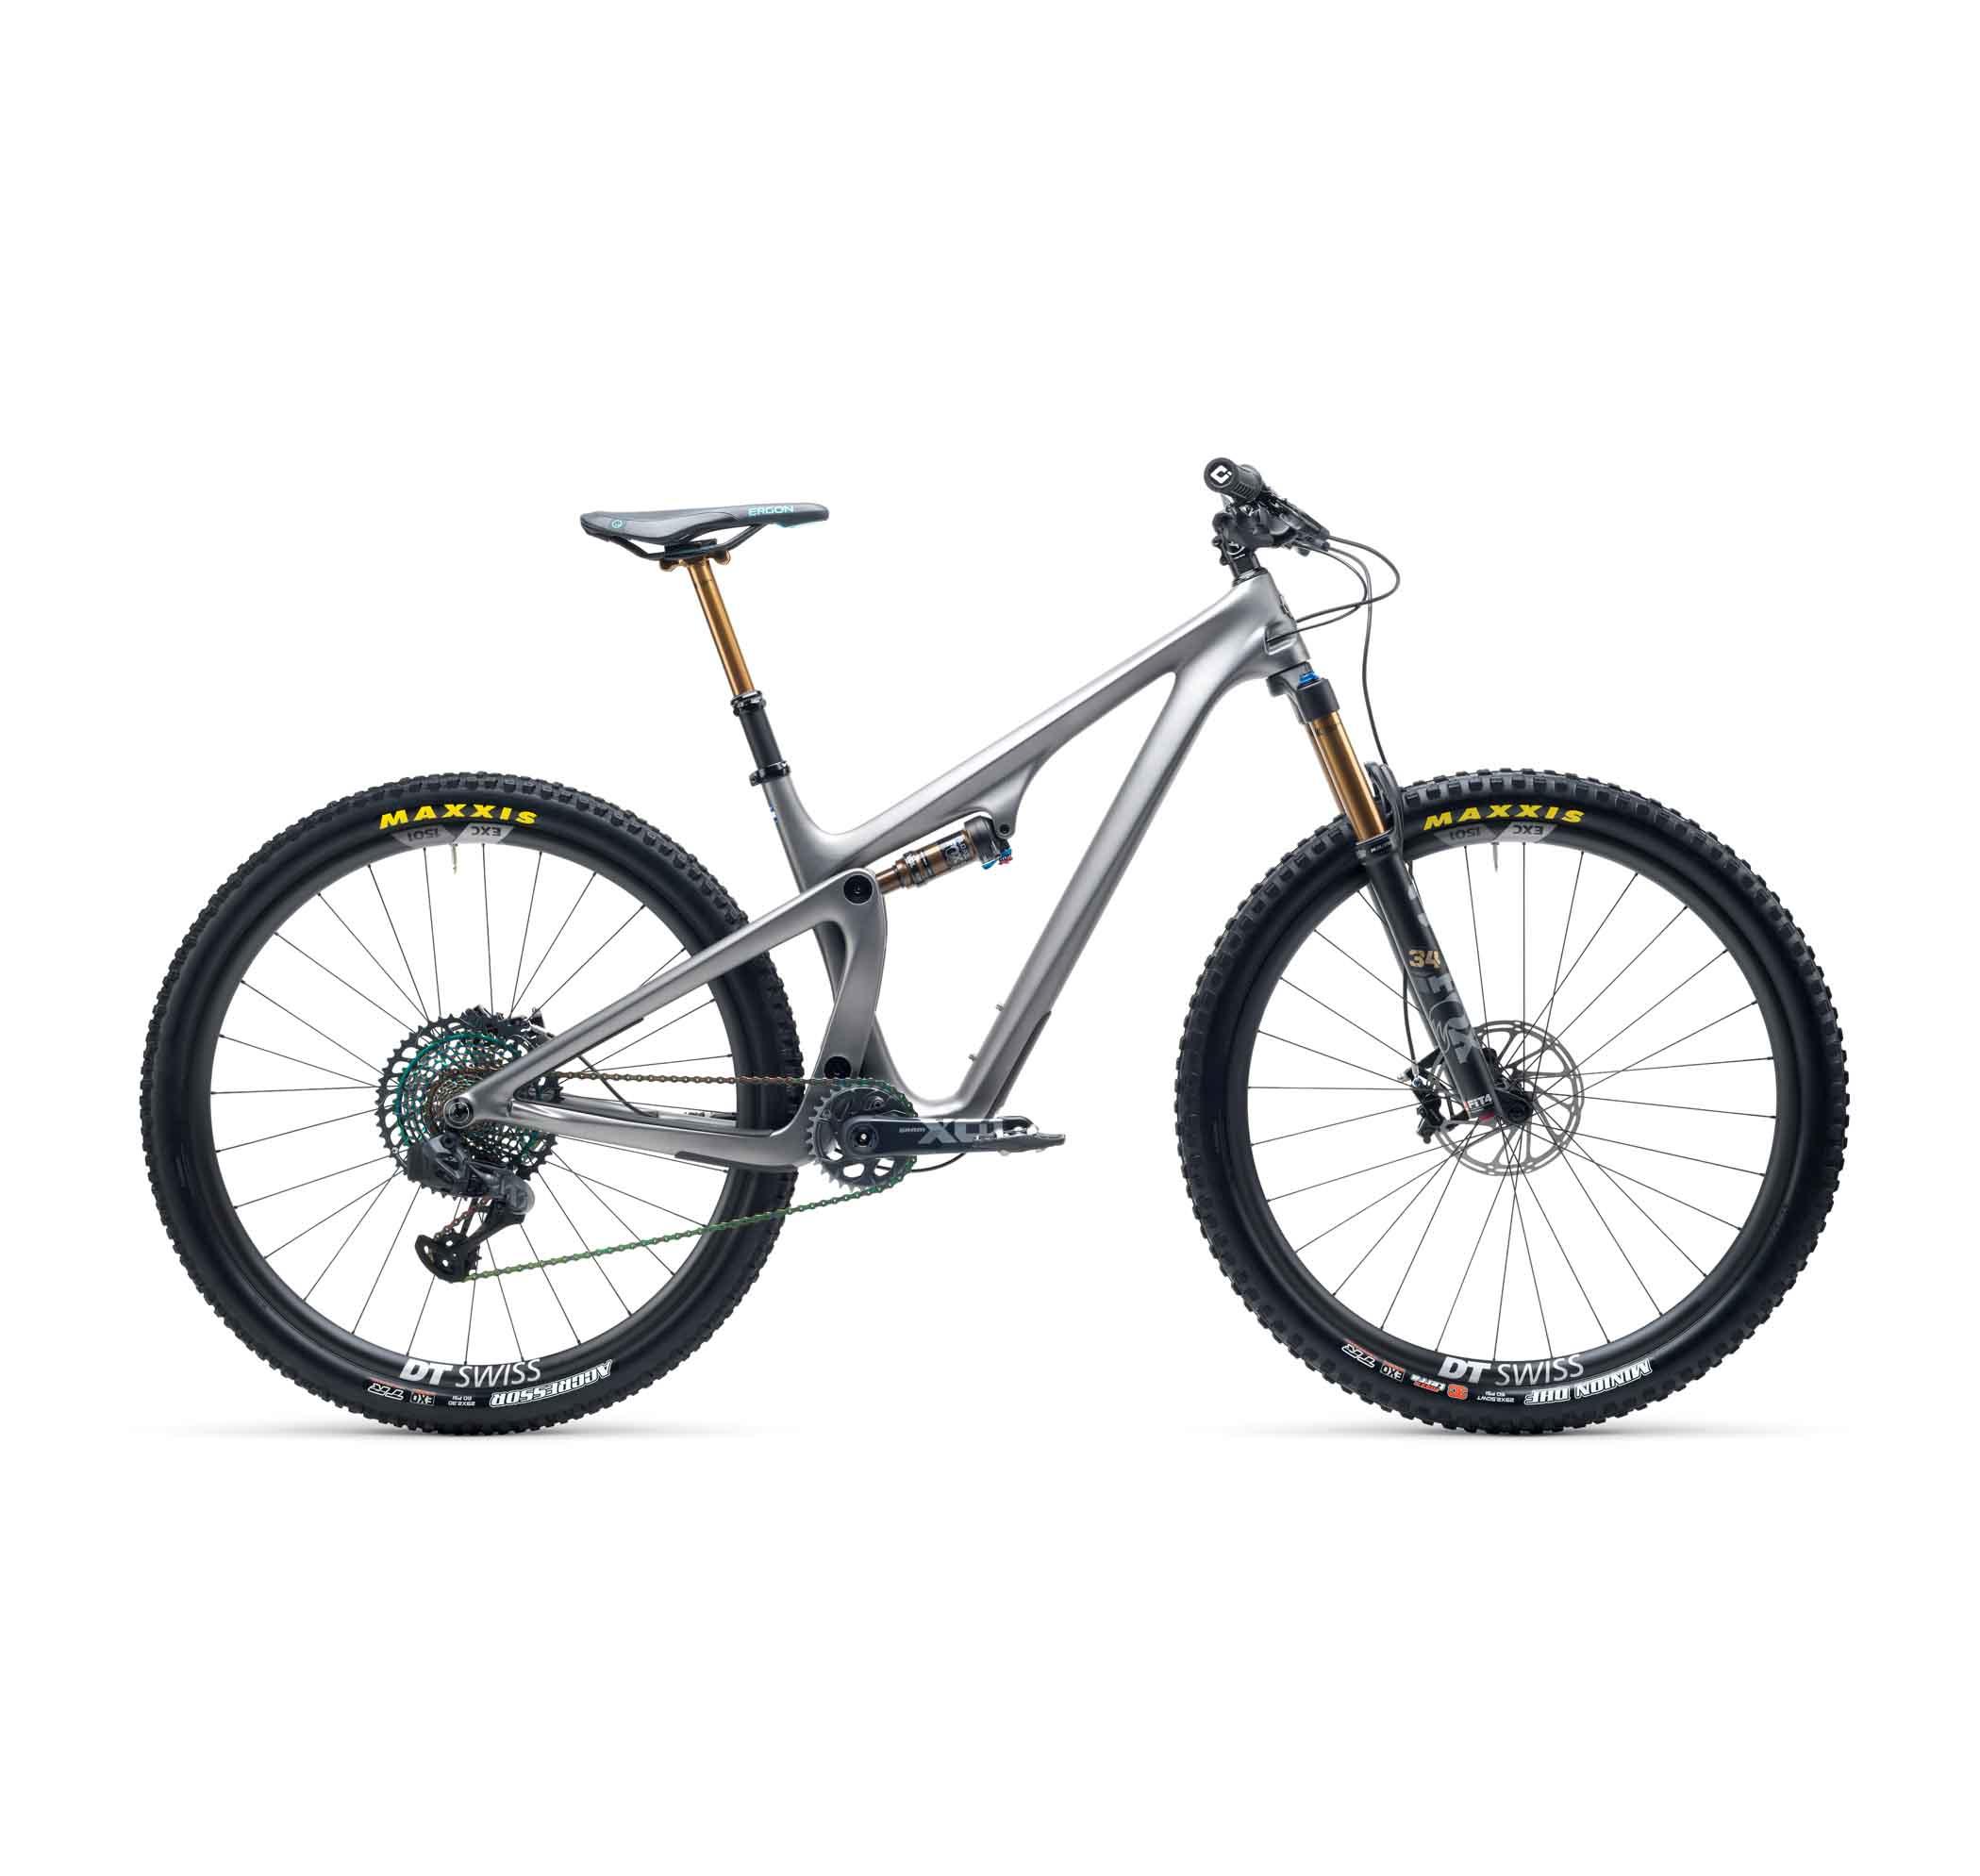 Yeti_Cycles_Rodeo_Bike_SB115_Anthracite